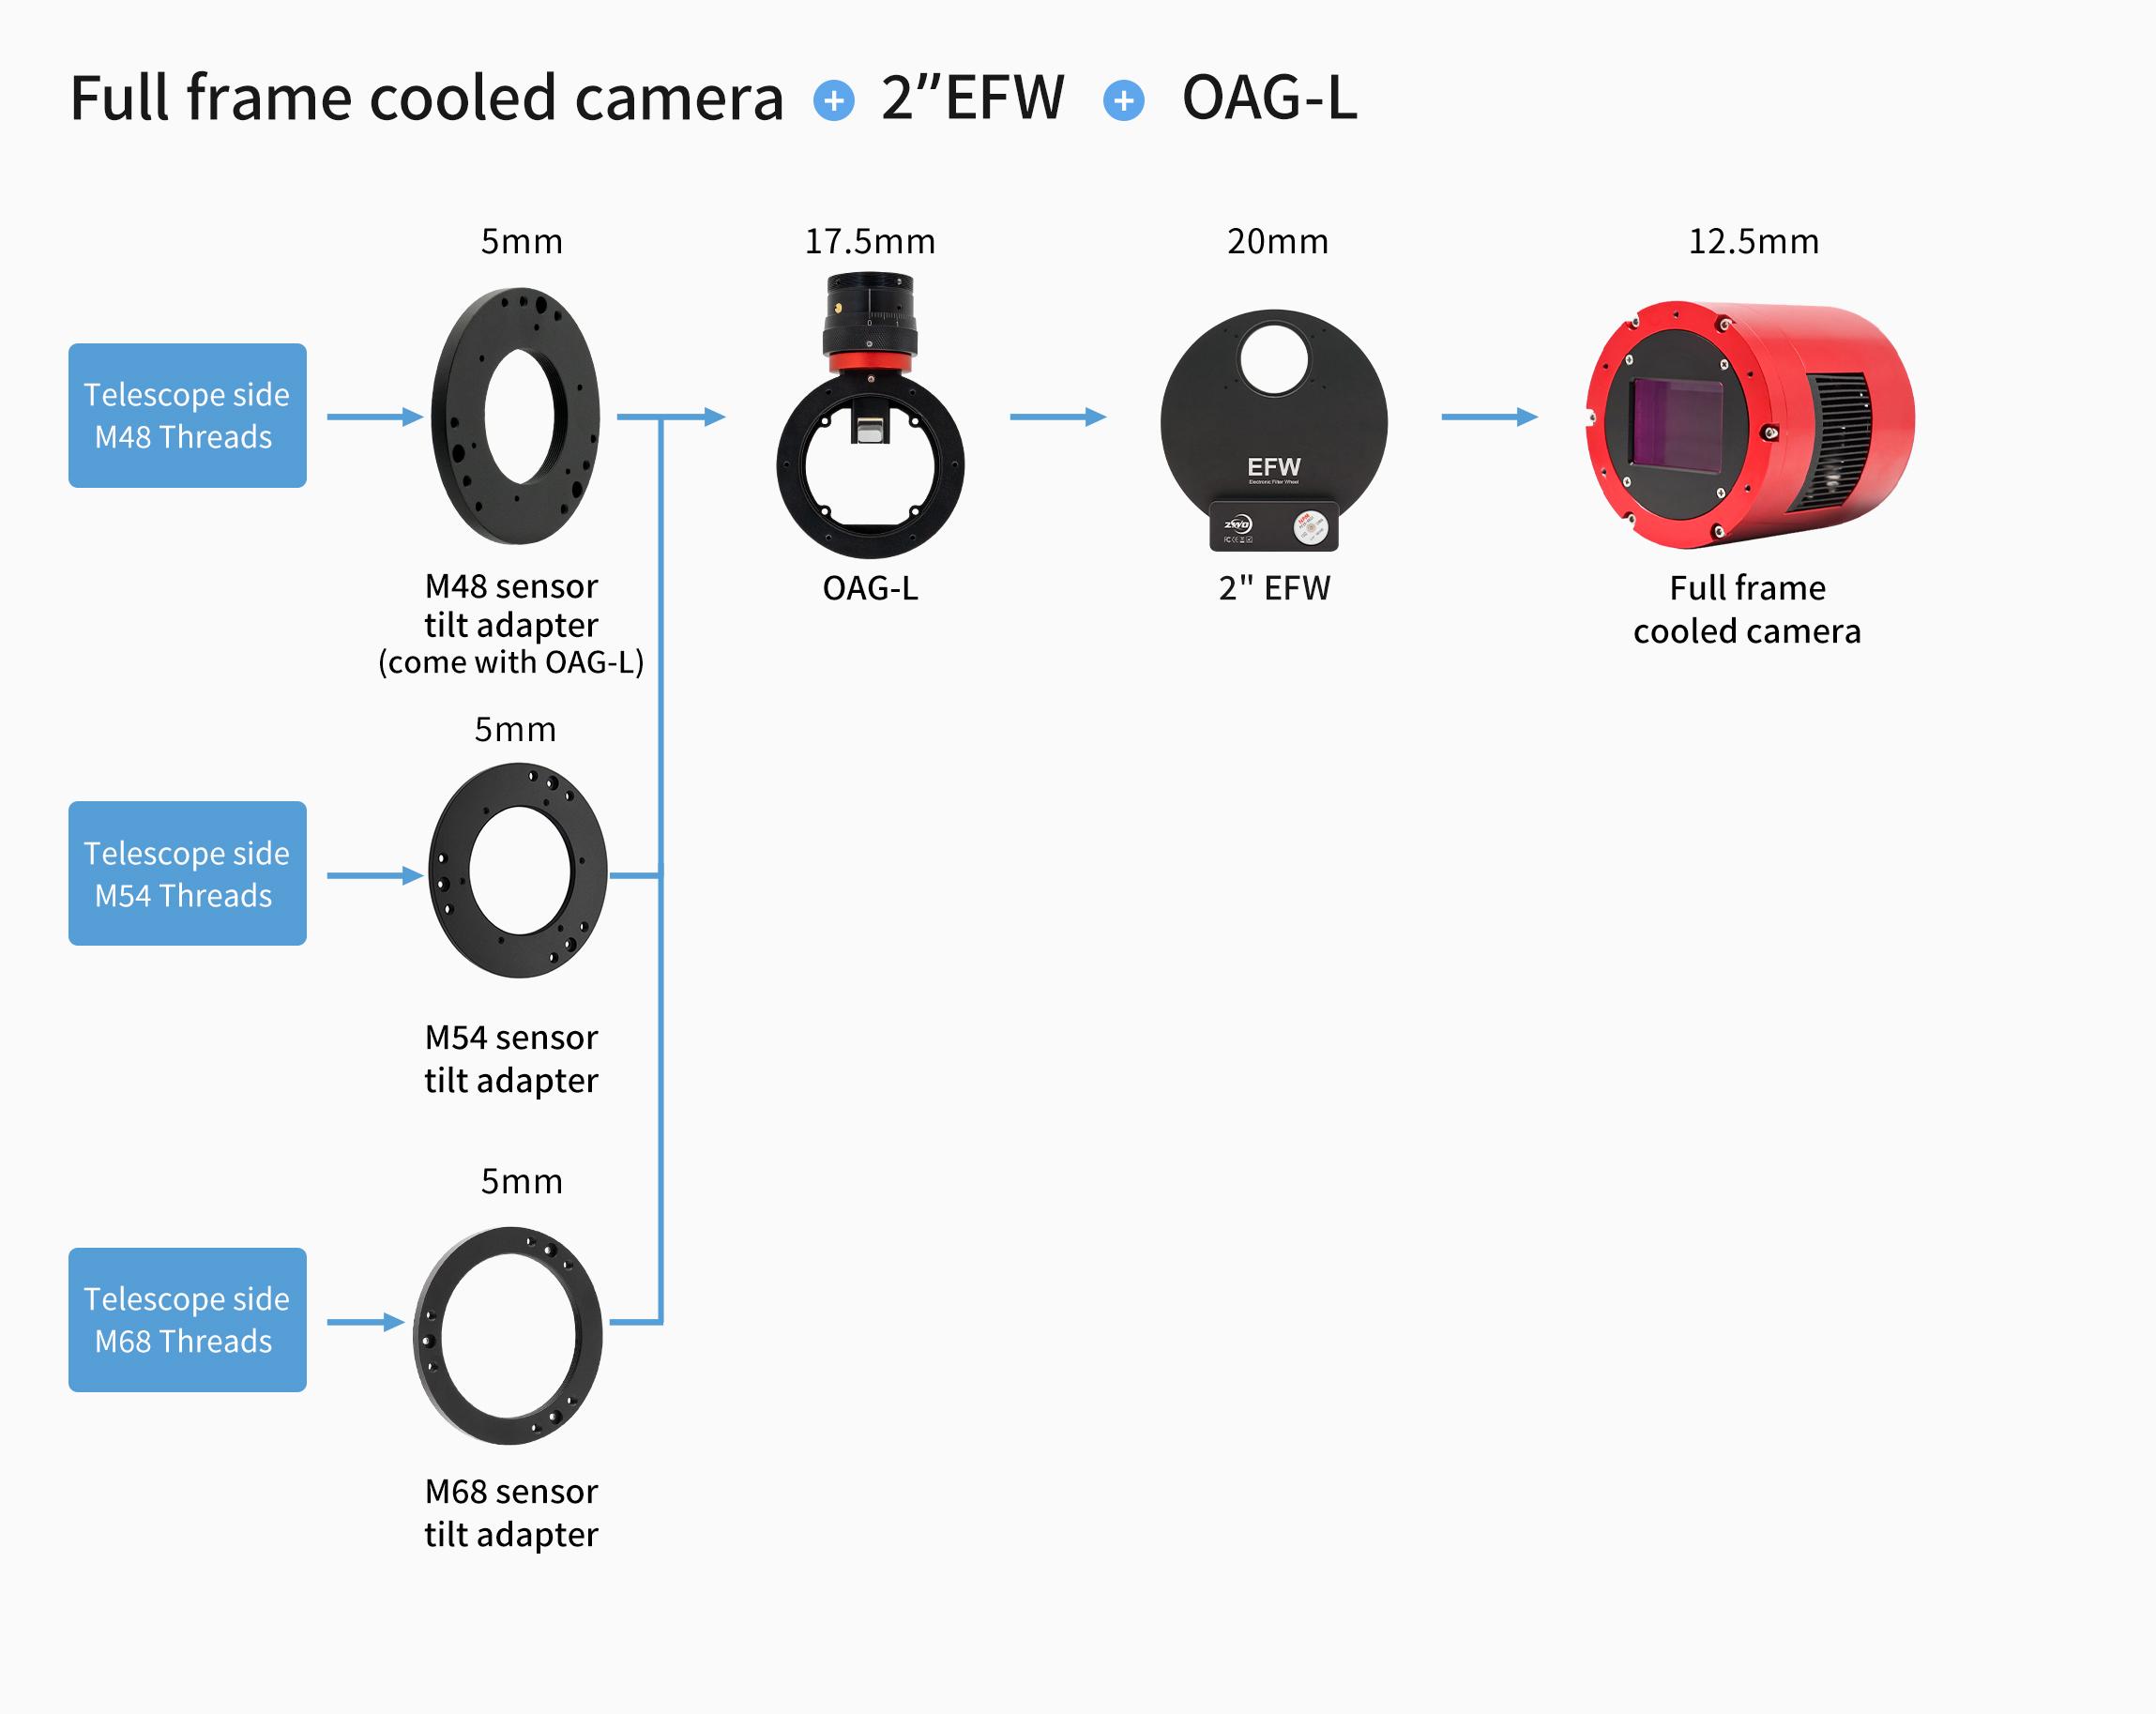 全画幅冷冻相机加OAGL连接方案-英文(1)(2)